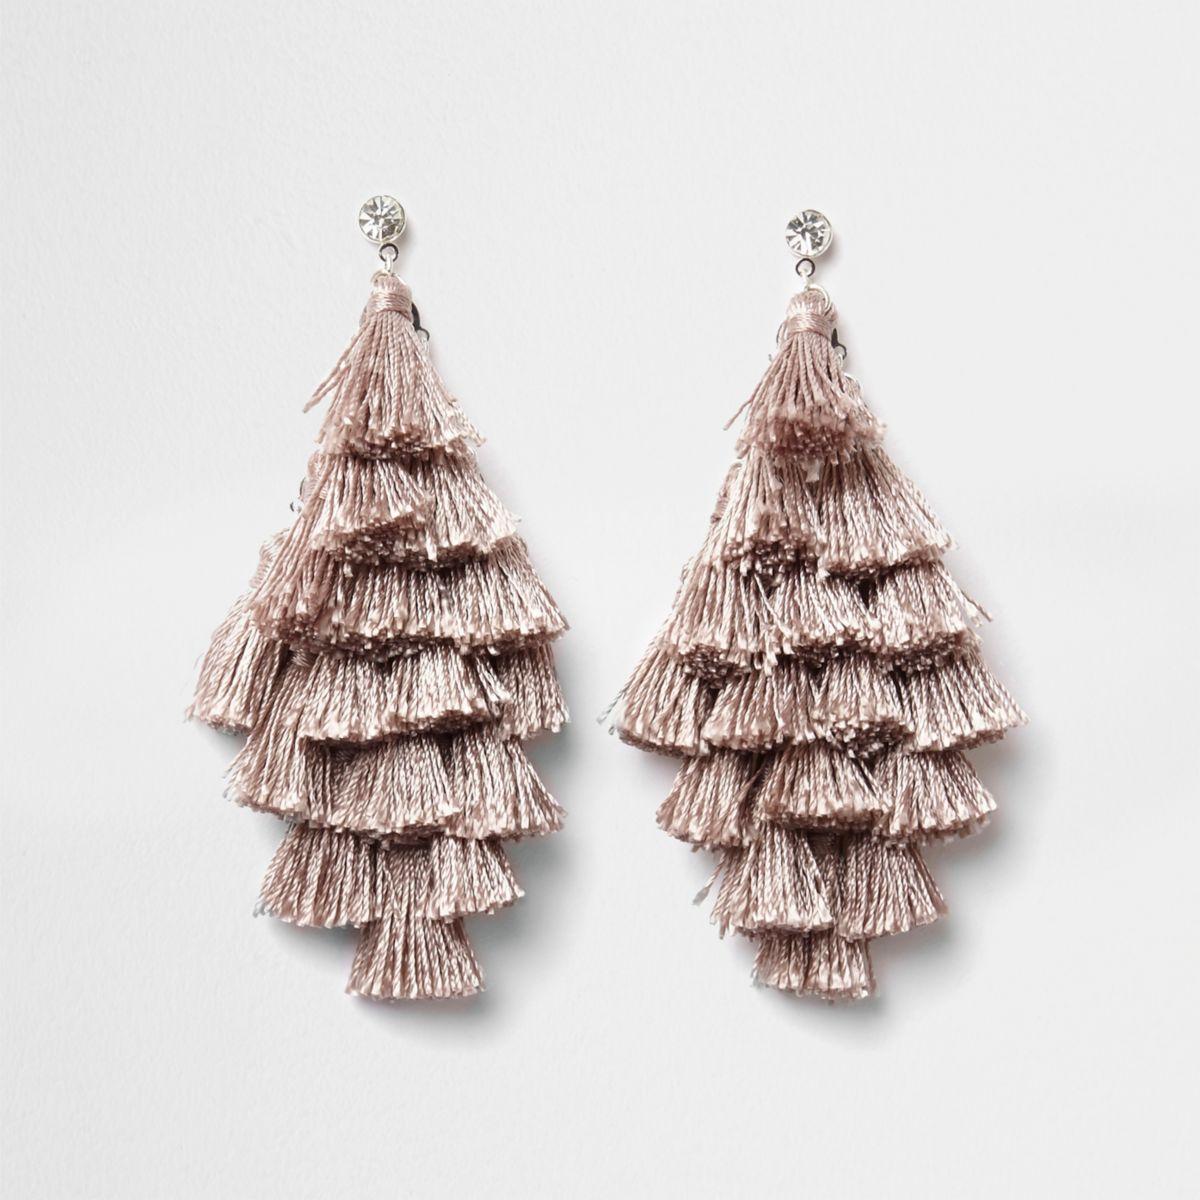 Nude tassel drop earrings